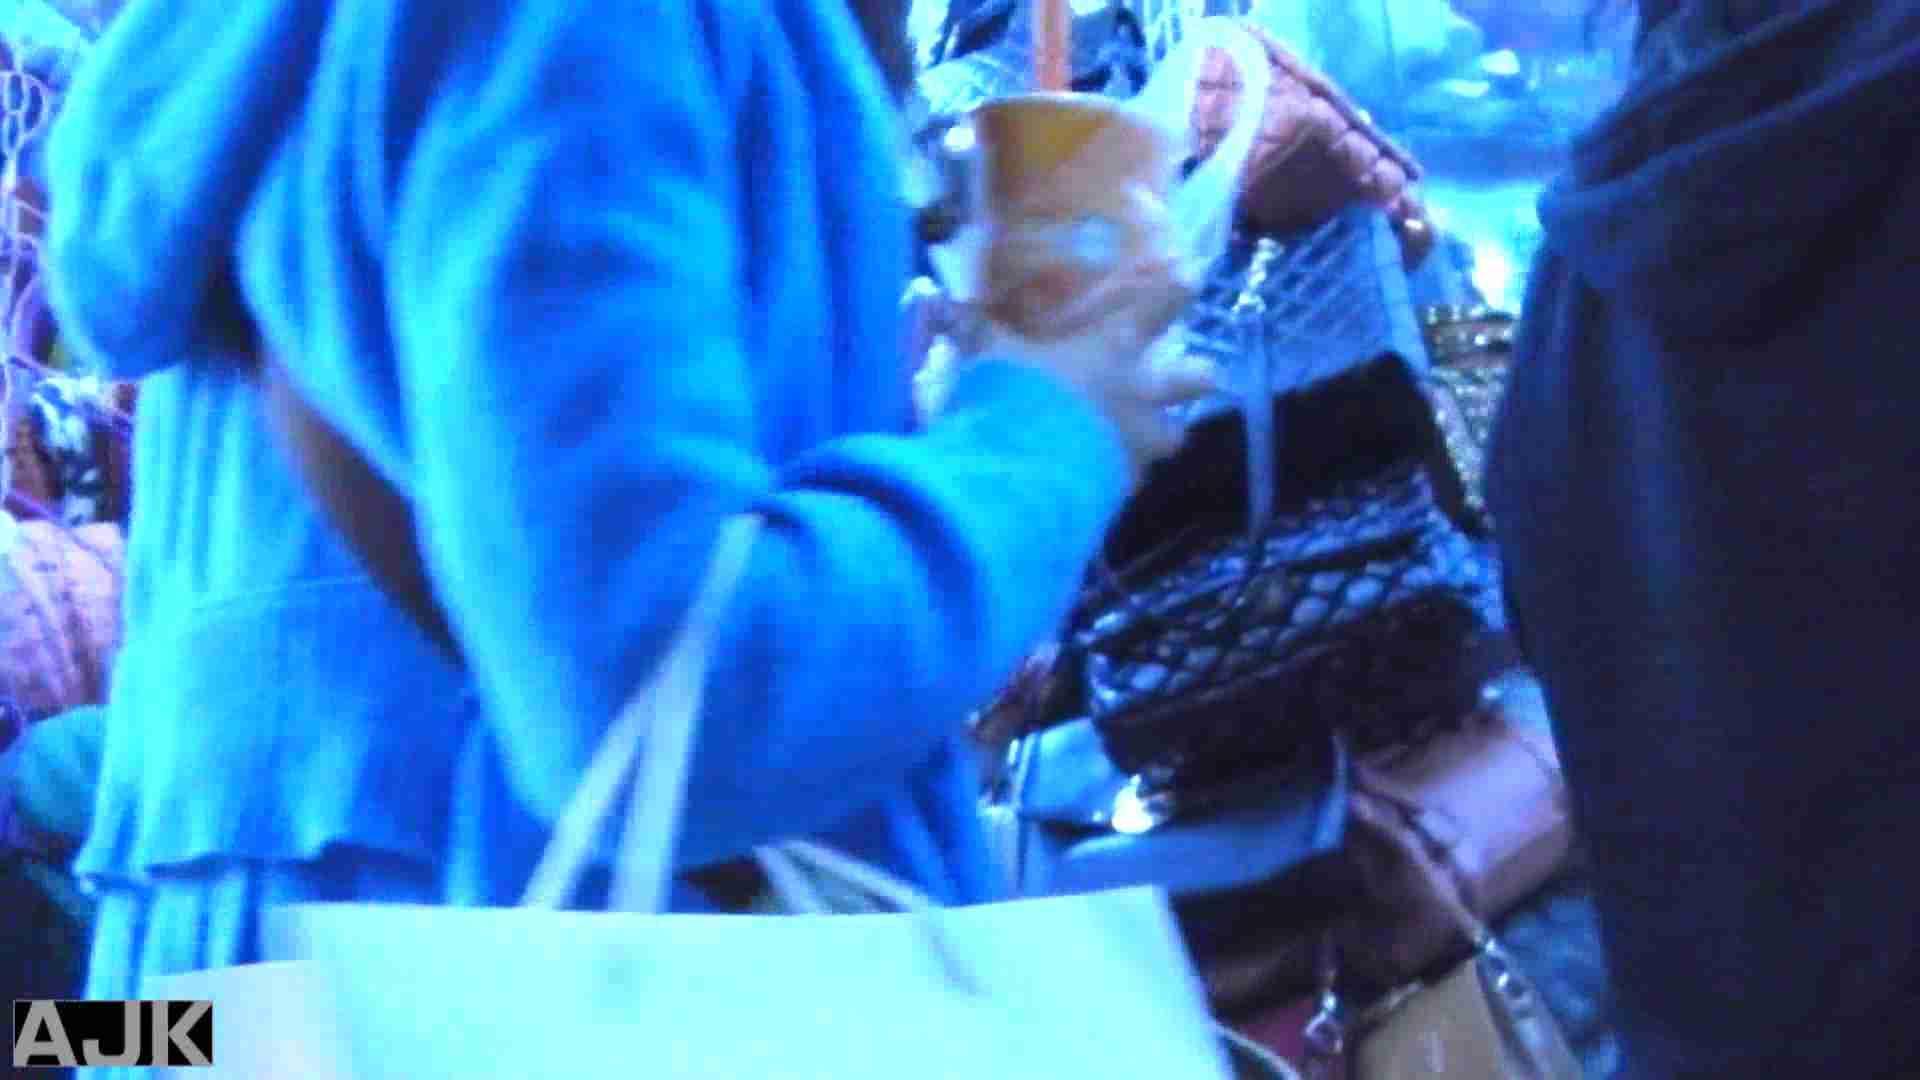 隣国上階級エリアの令嬢たちが集うデパートお手洗い Vol.12 美女 すけべAV動画紹介 99枚 37